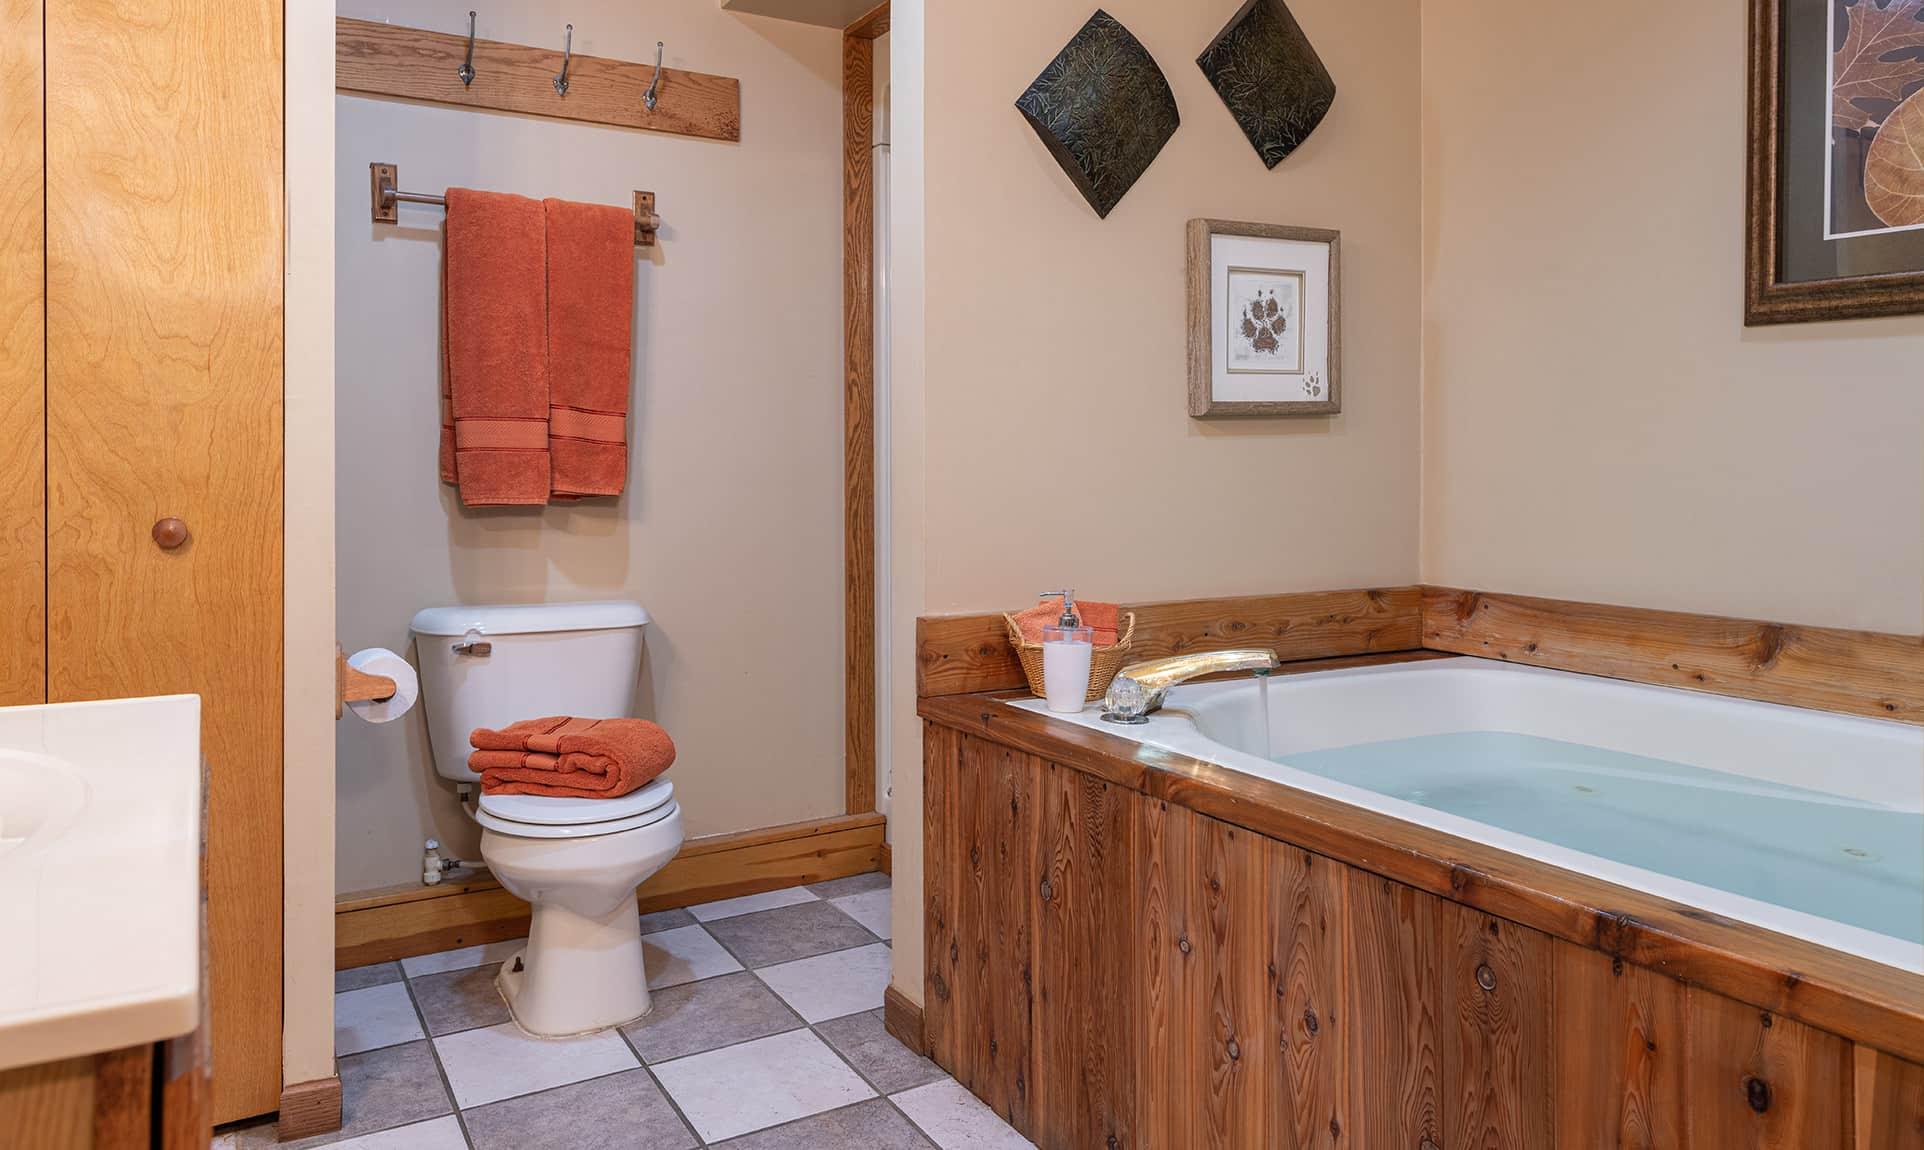 Soaking tub in a romantic Illinois cabin